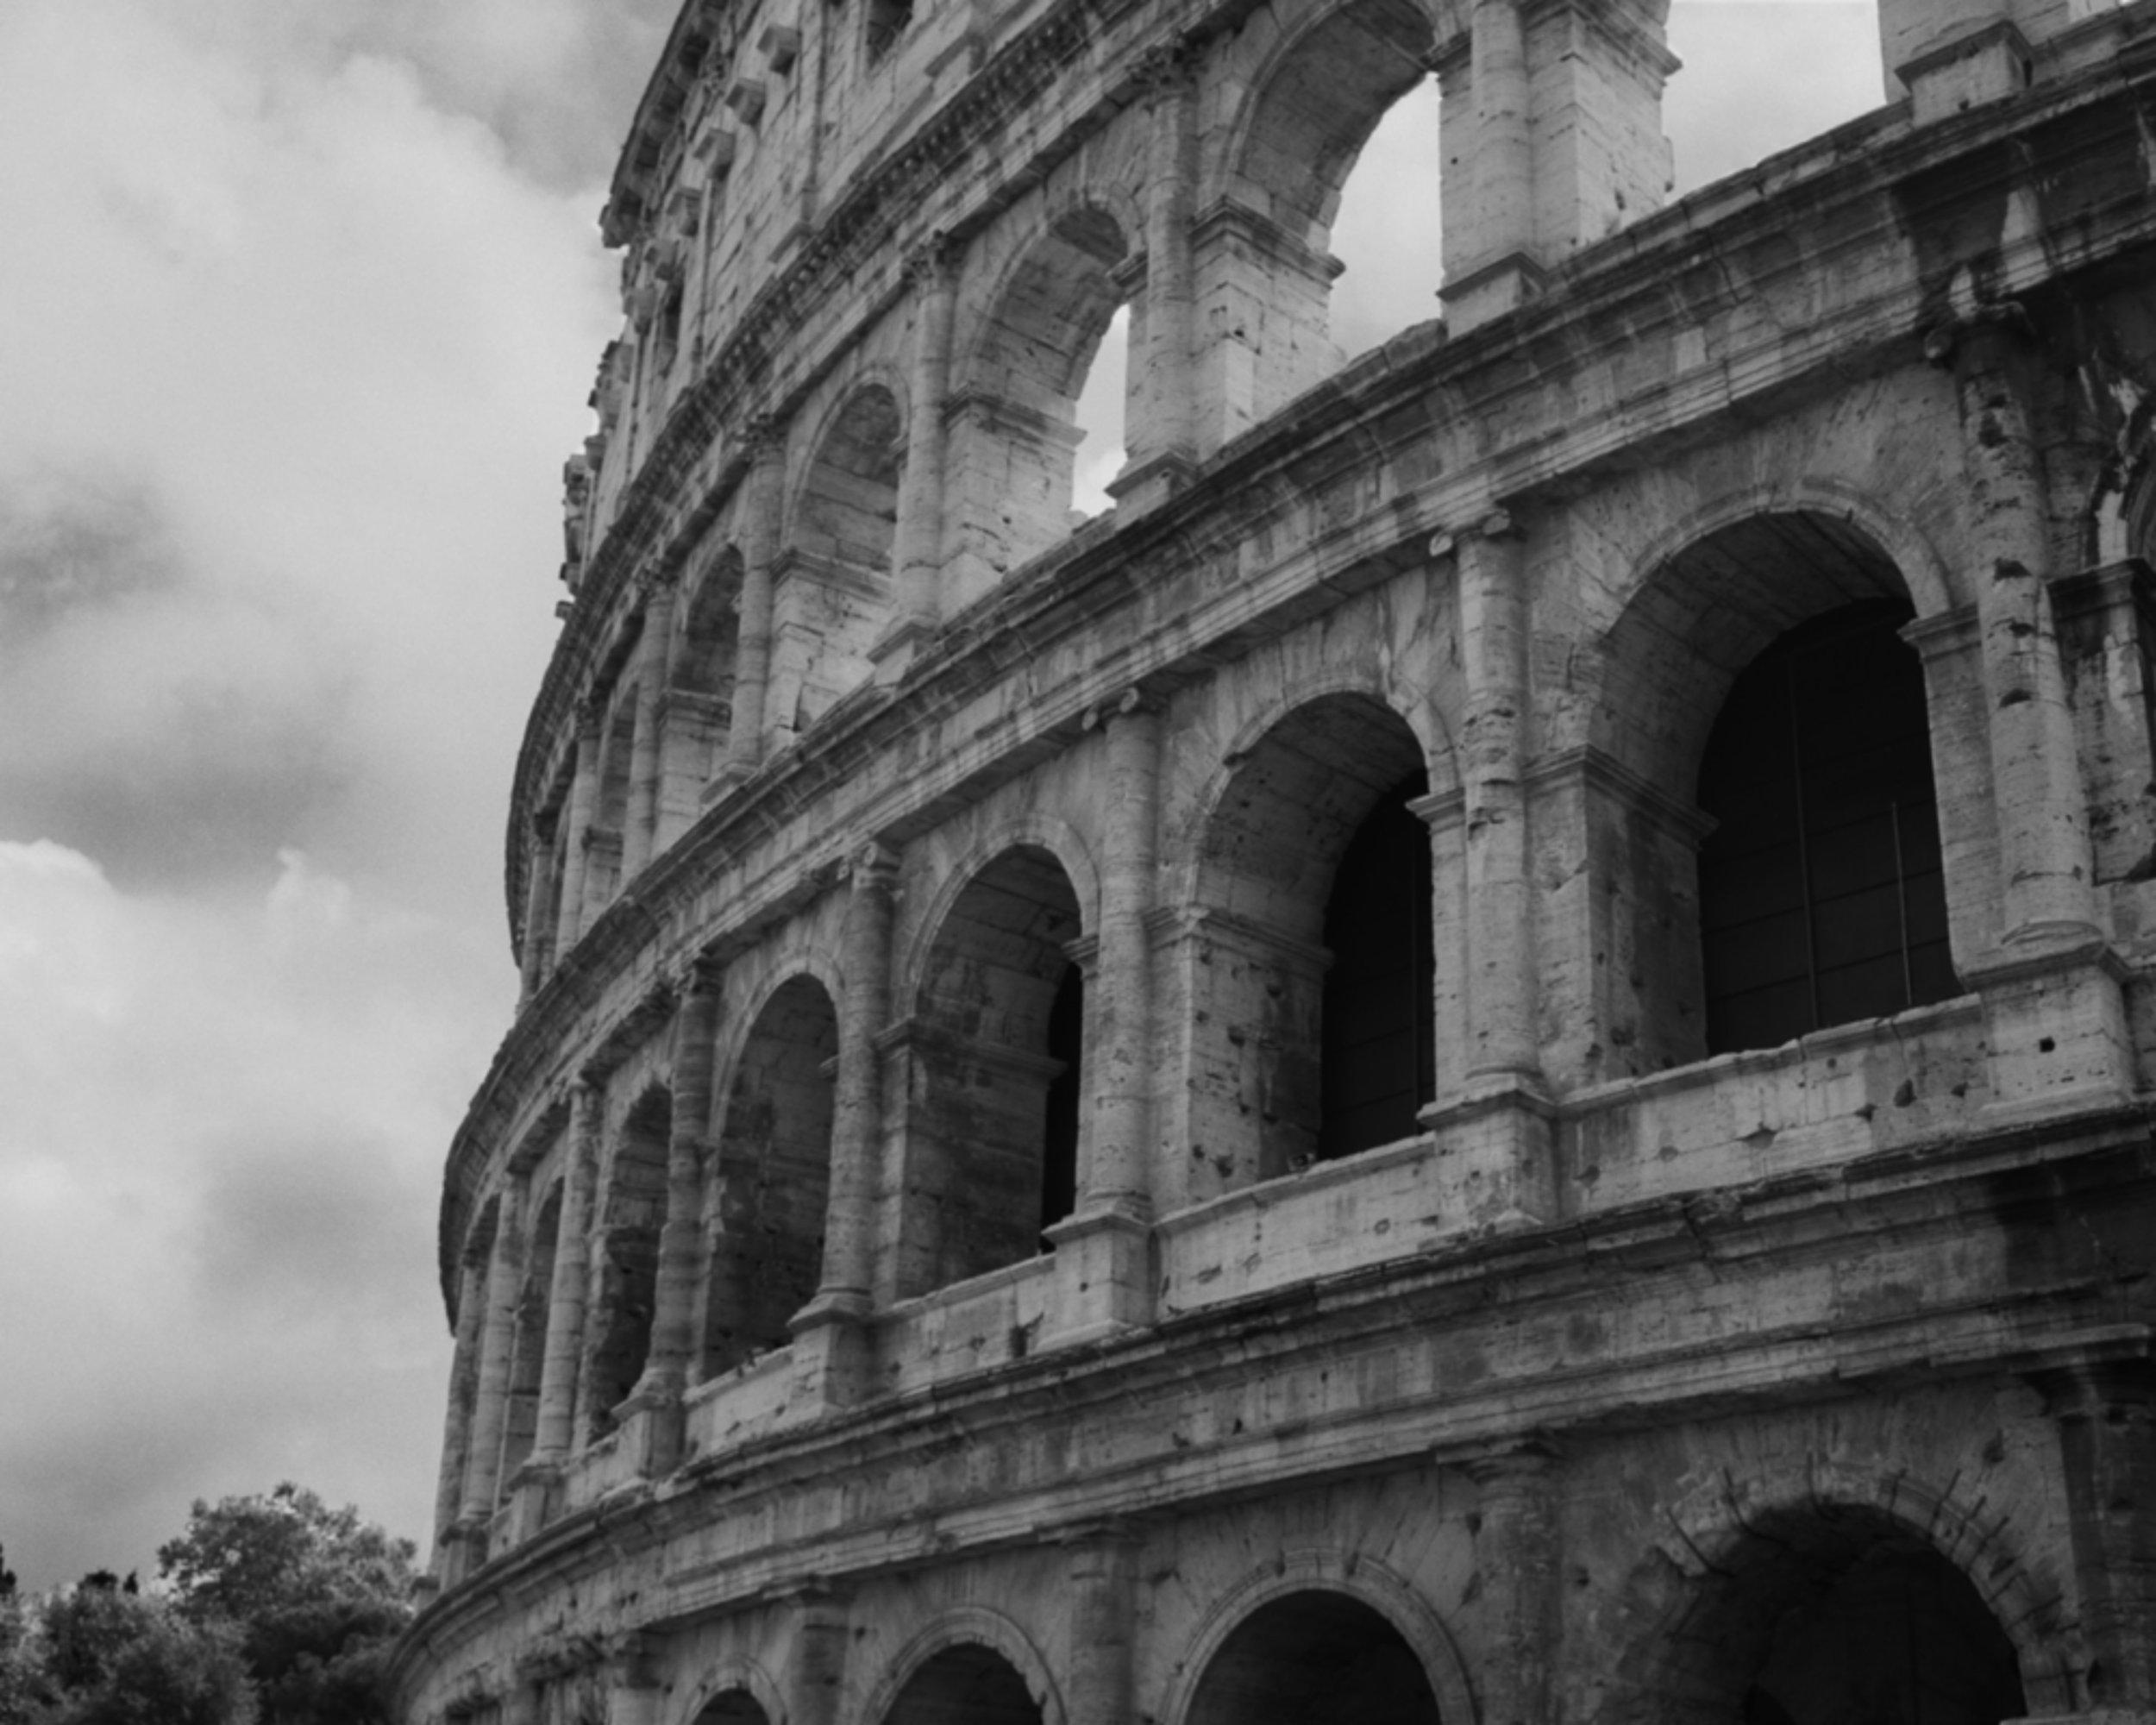 252_The_Coliseum.jpg